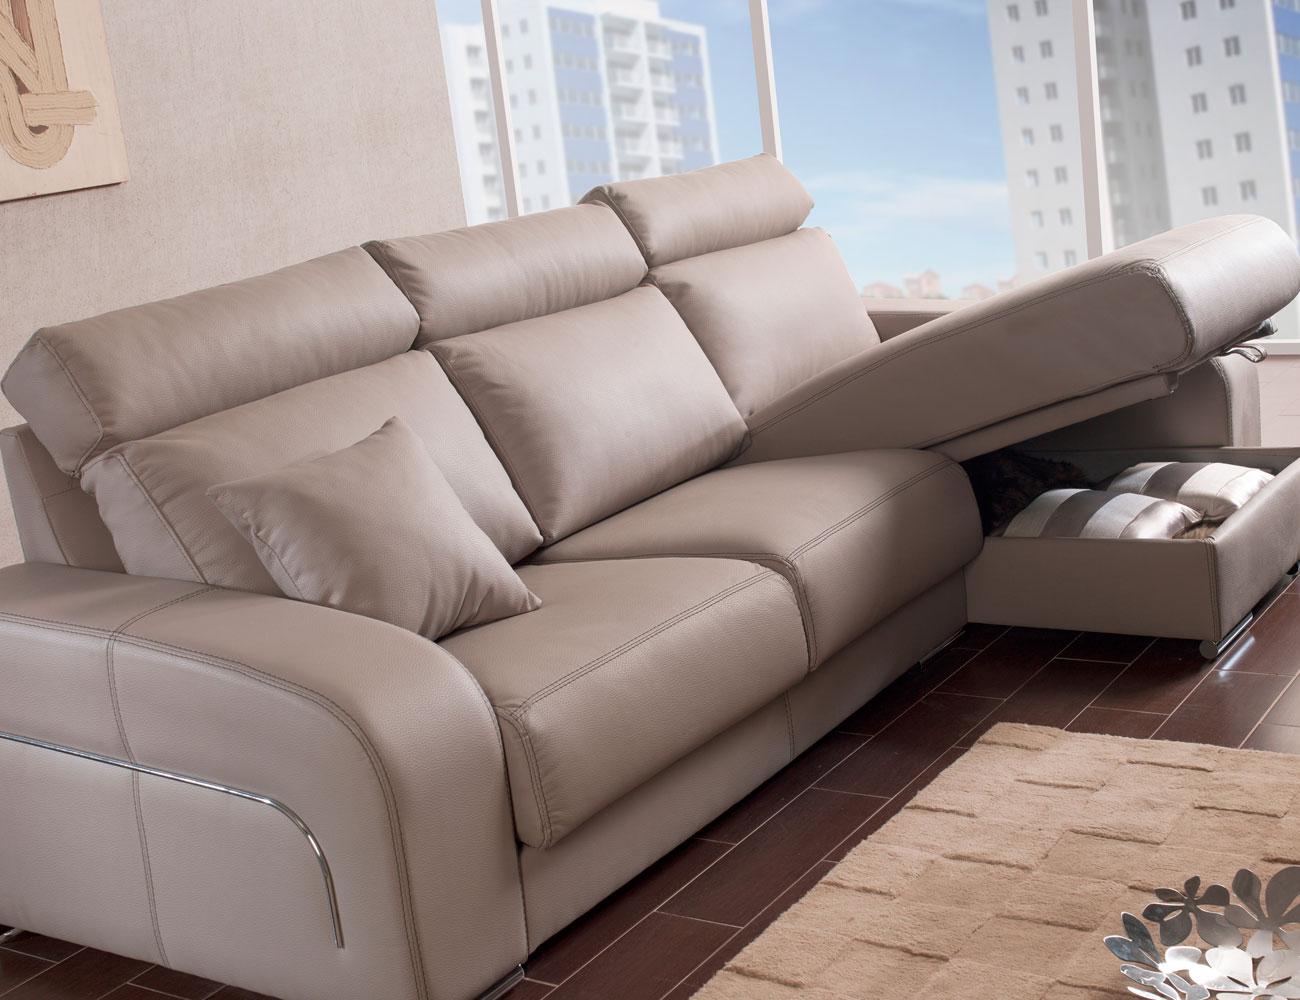 Sofa chaiselongue moderno pared cero arcon6